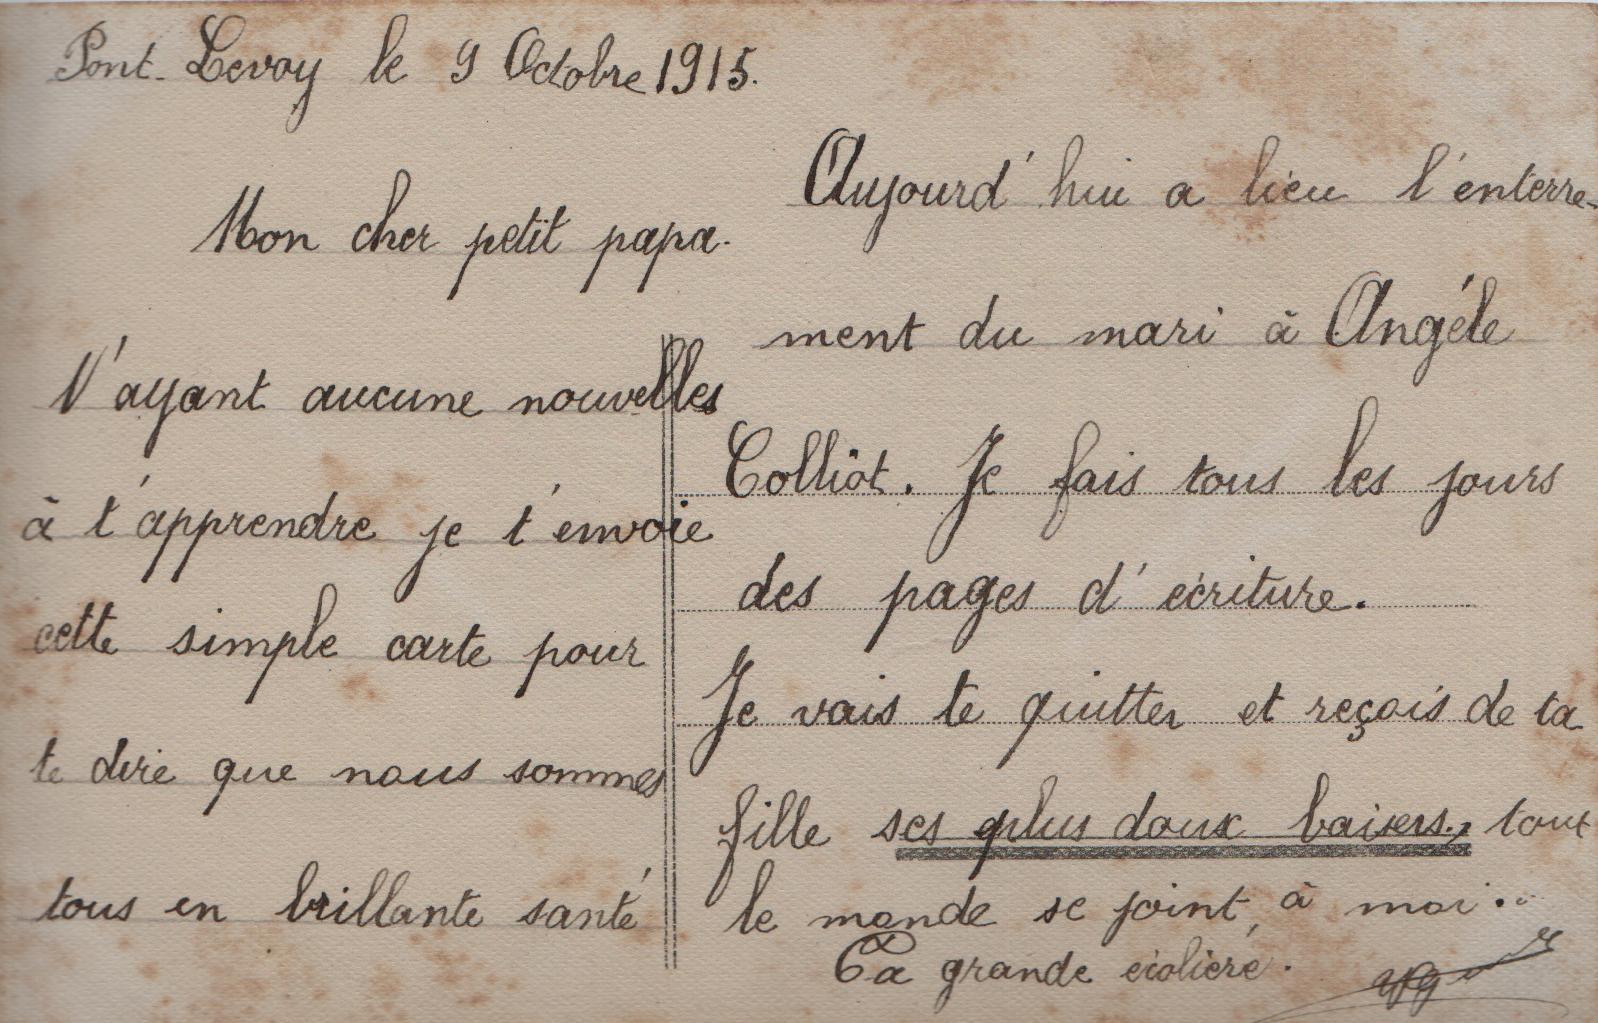 10. 9th Oct. 1915